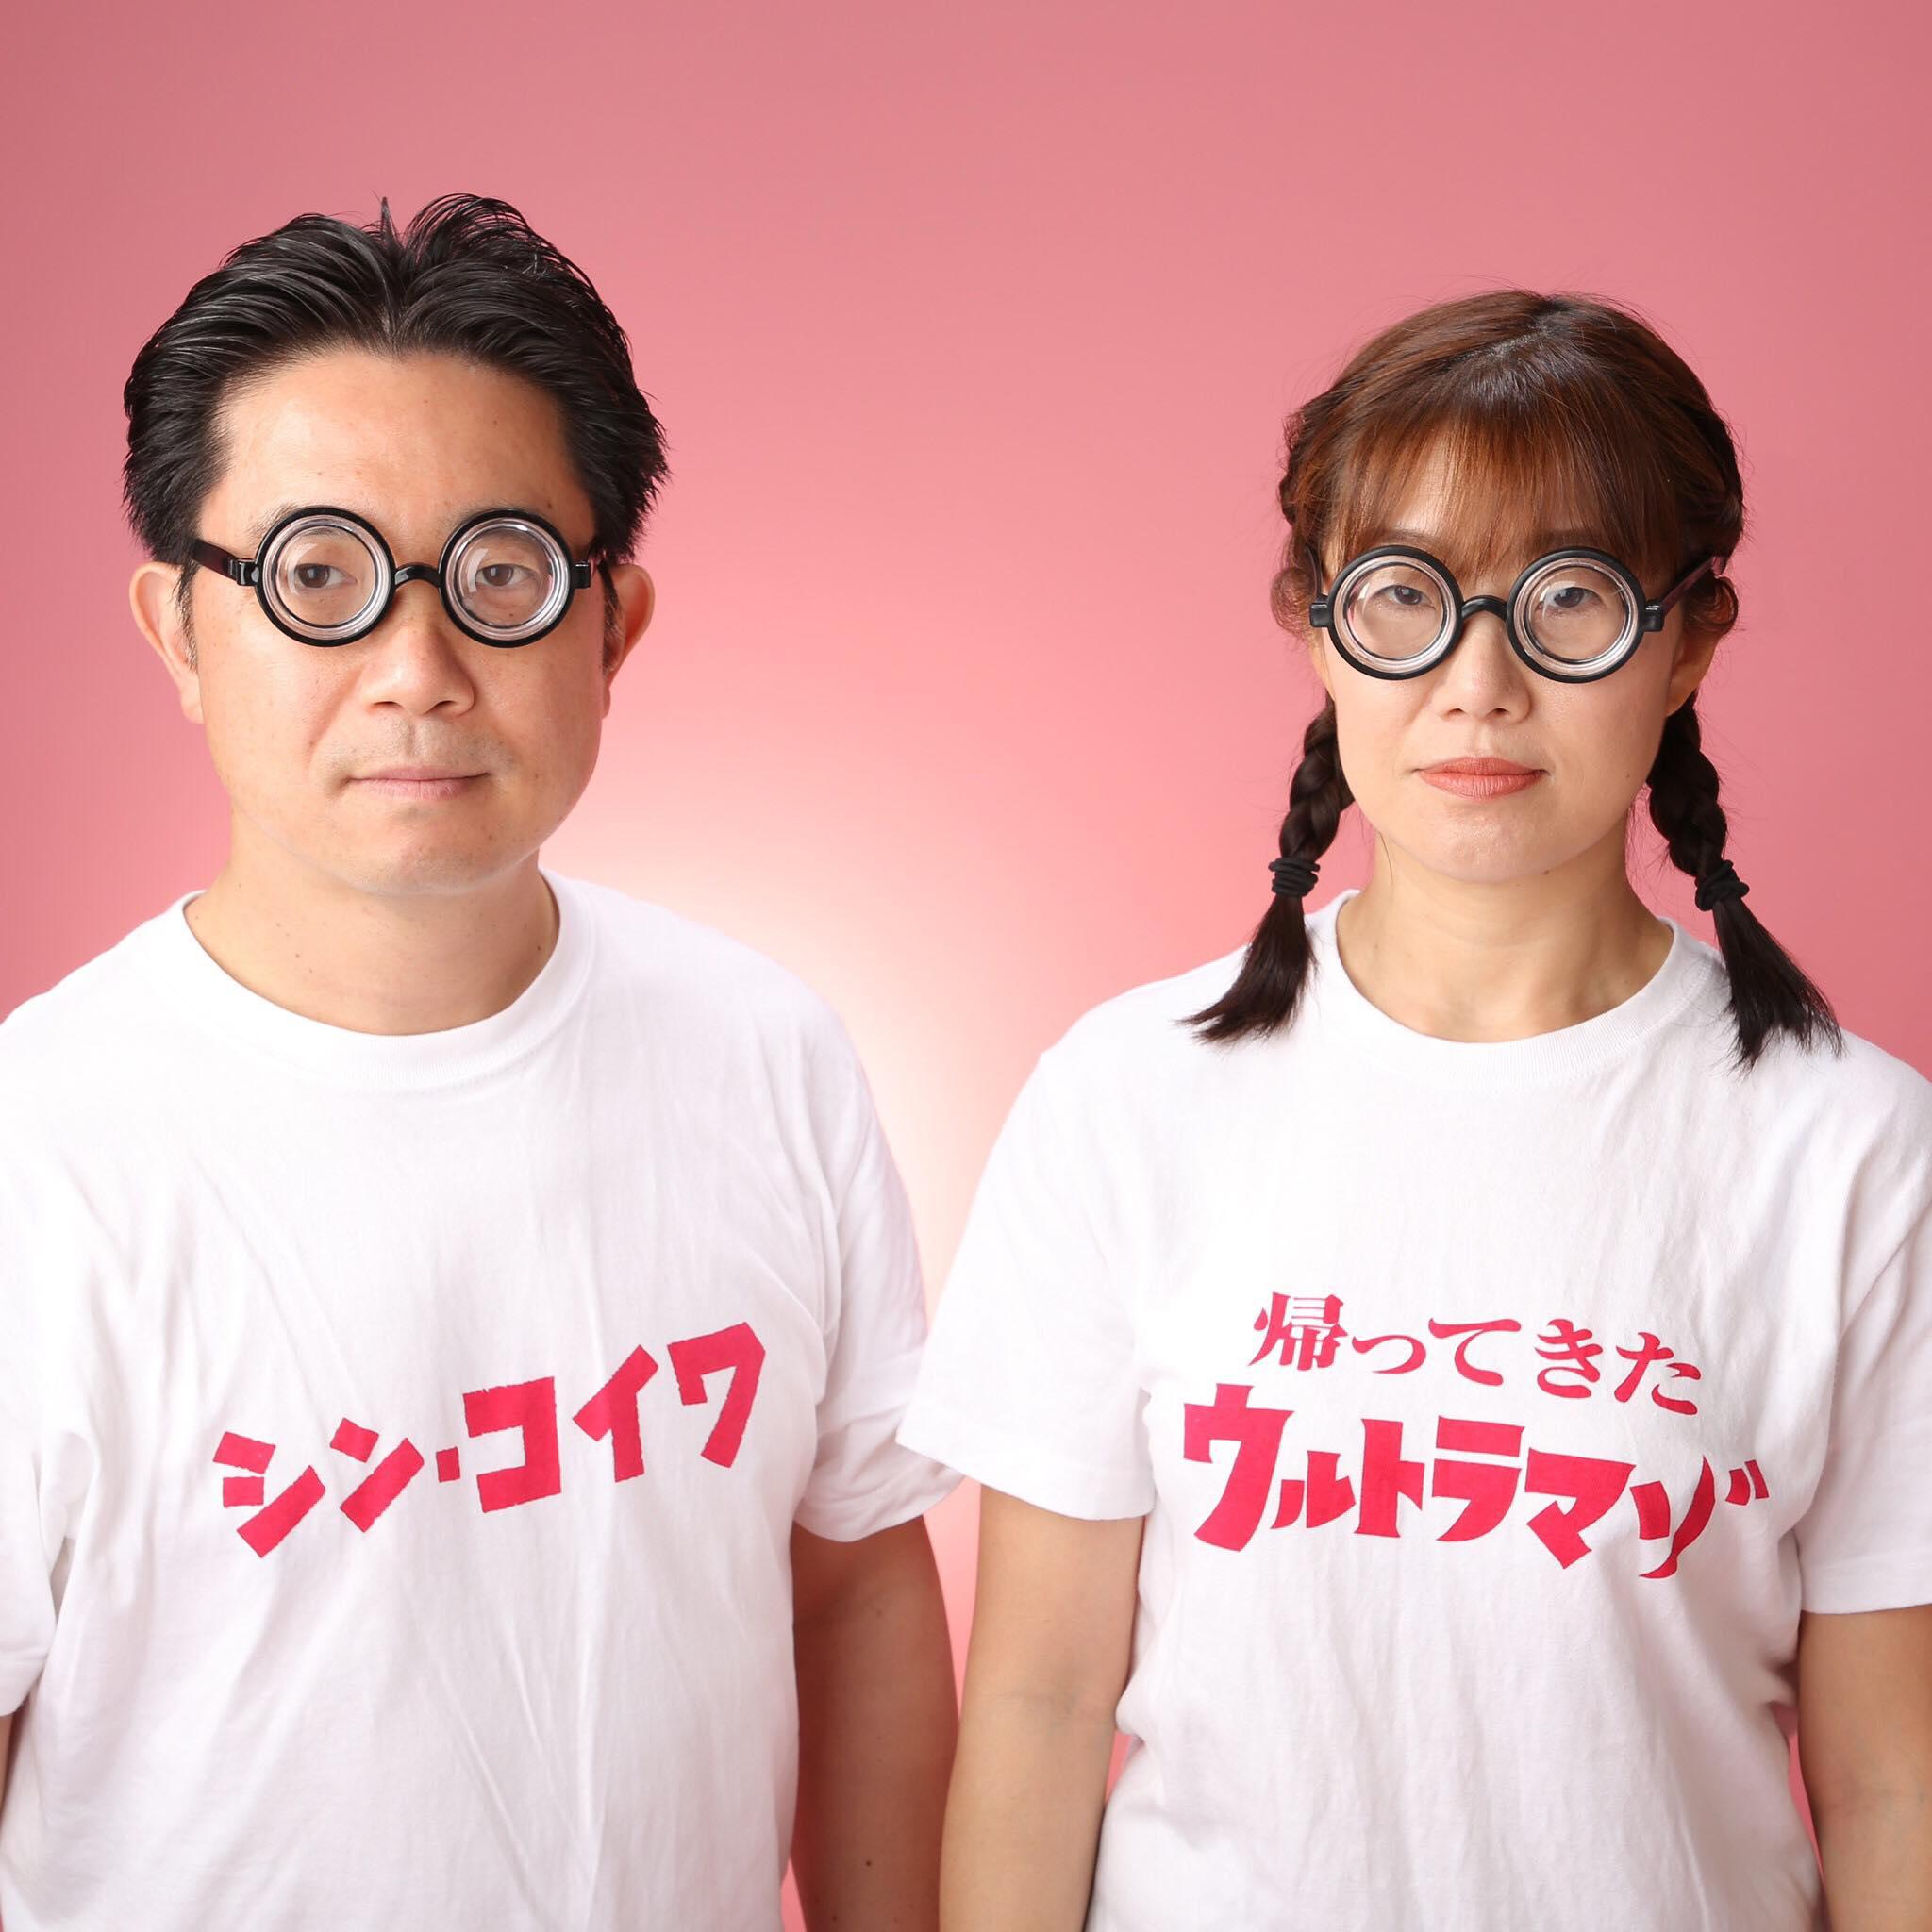 6/6(木)21:00から放送